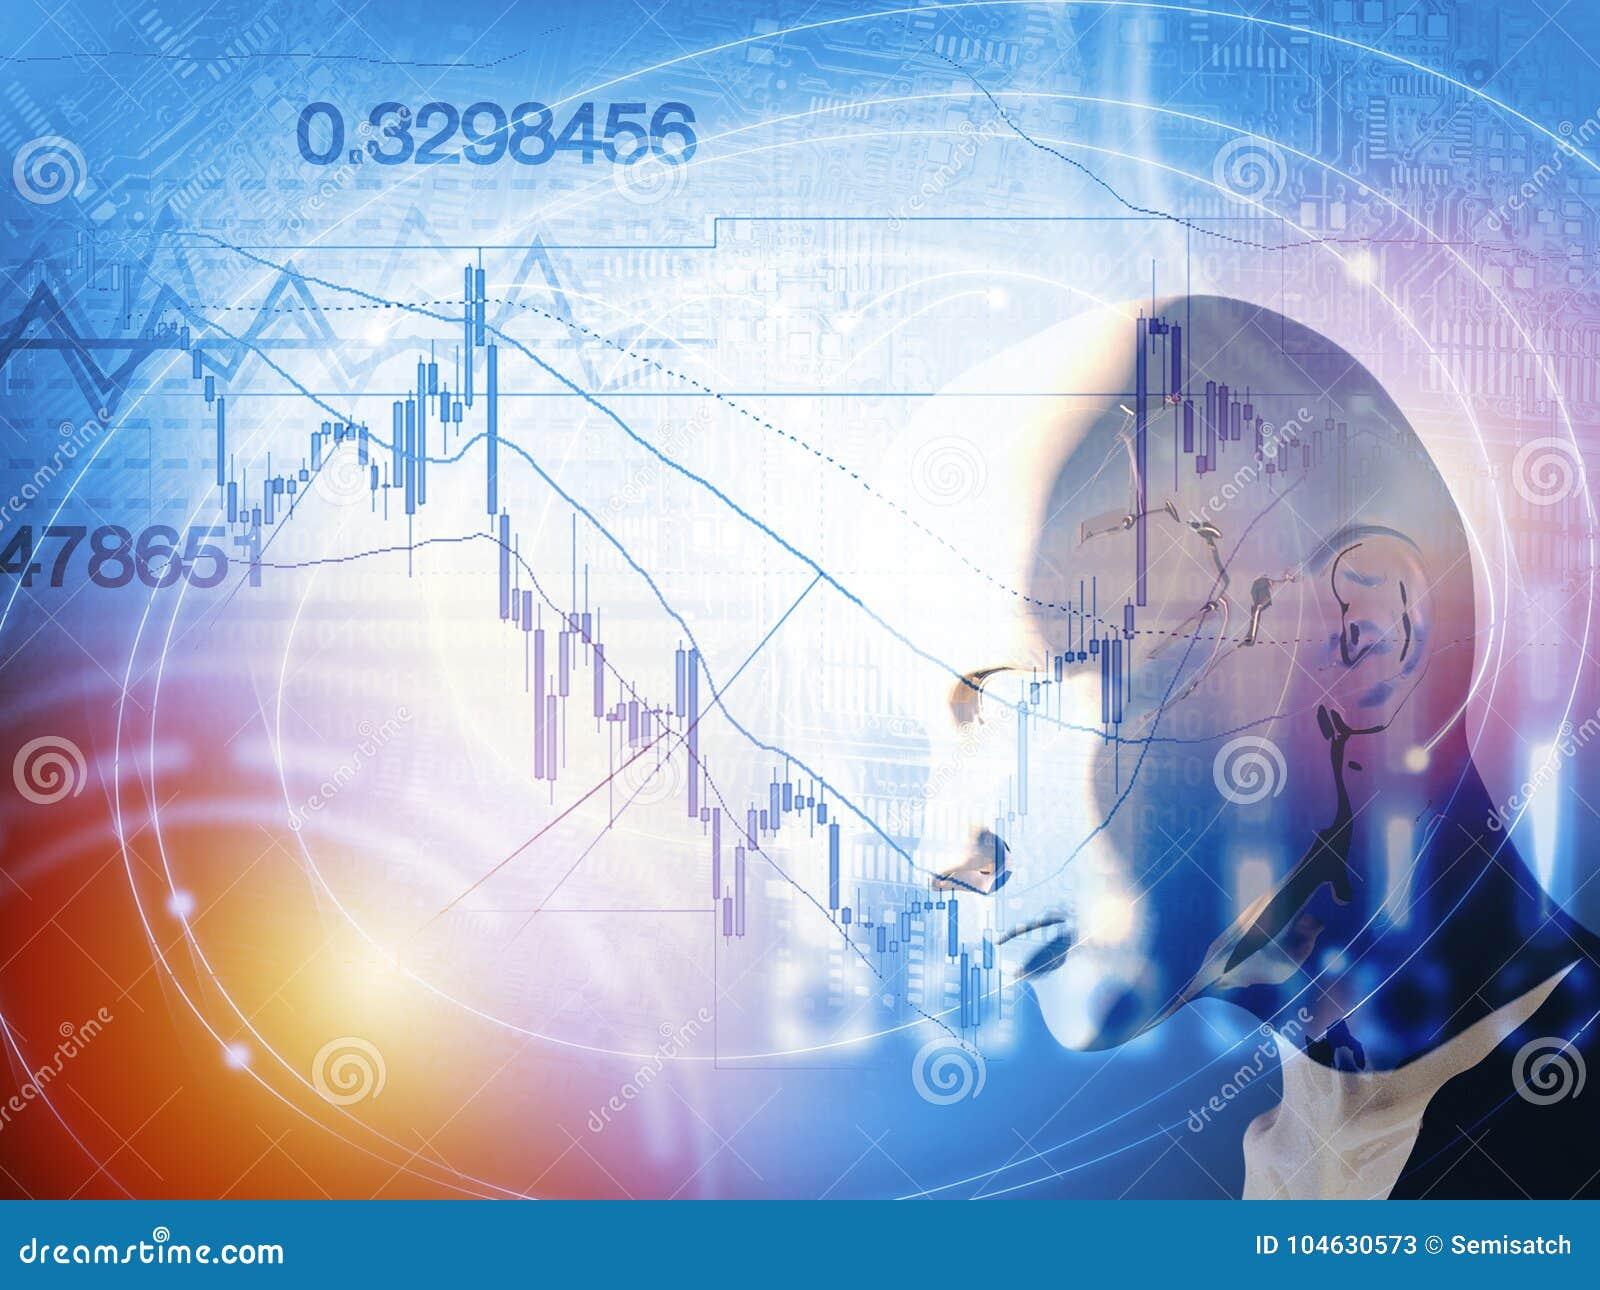 Download Kwantitatief Voorraad En Forex Handelconcept Met Kunstmatige Intelligentie Stock Illustratie - Illustratie bestaande uit pond, financieel: 104630573